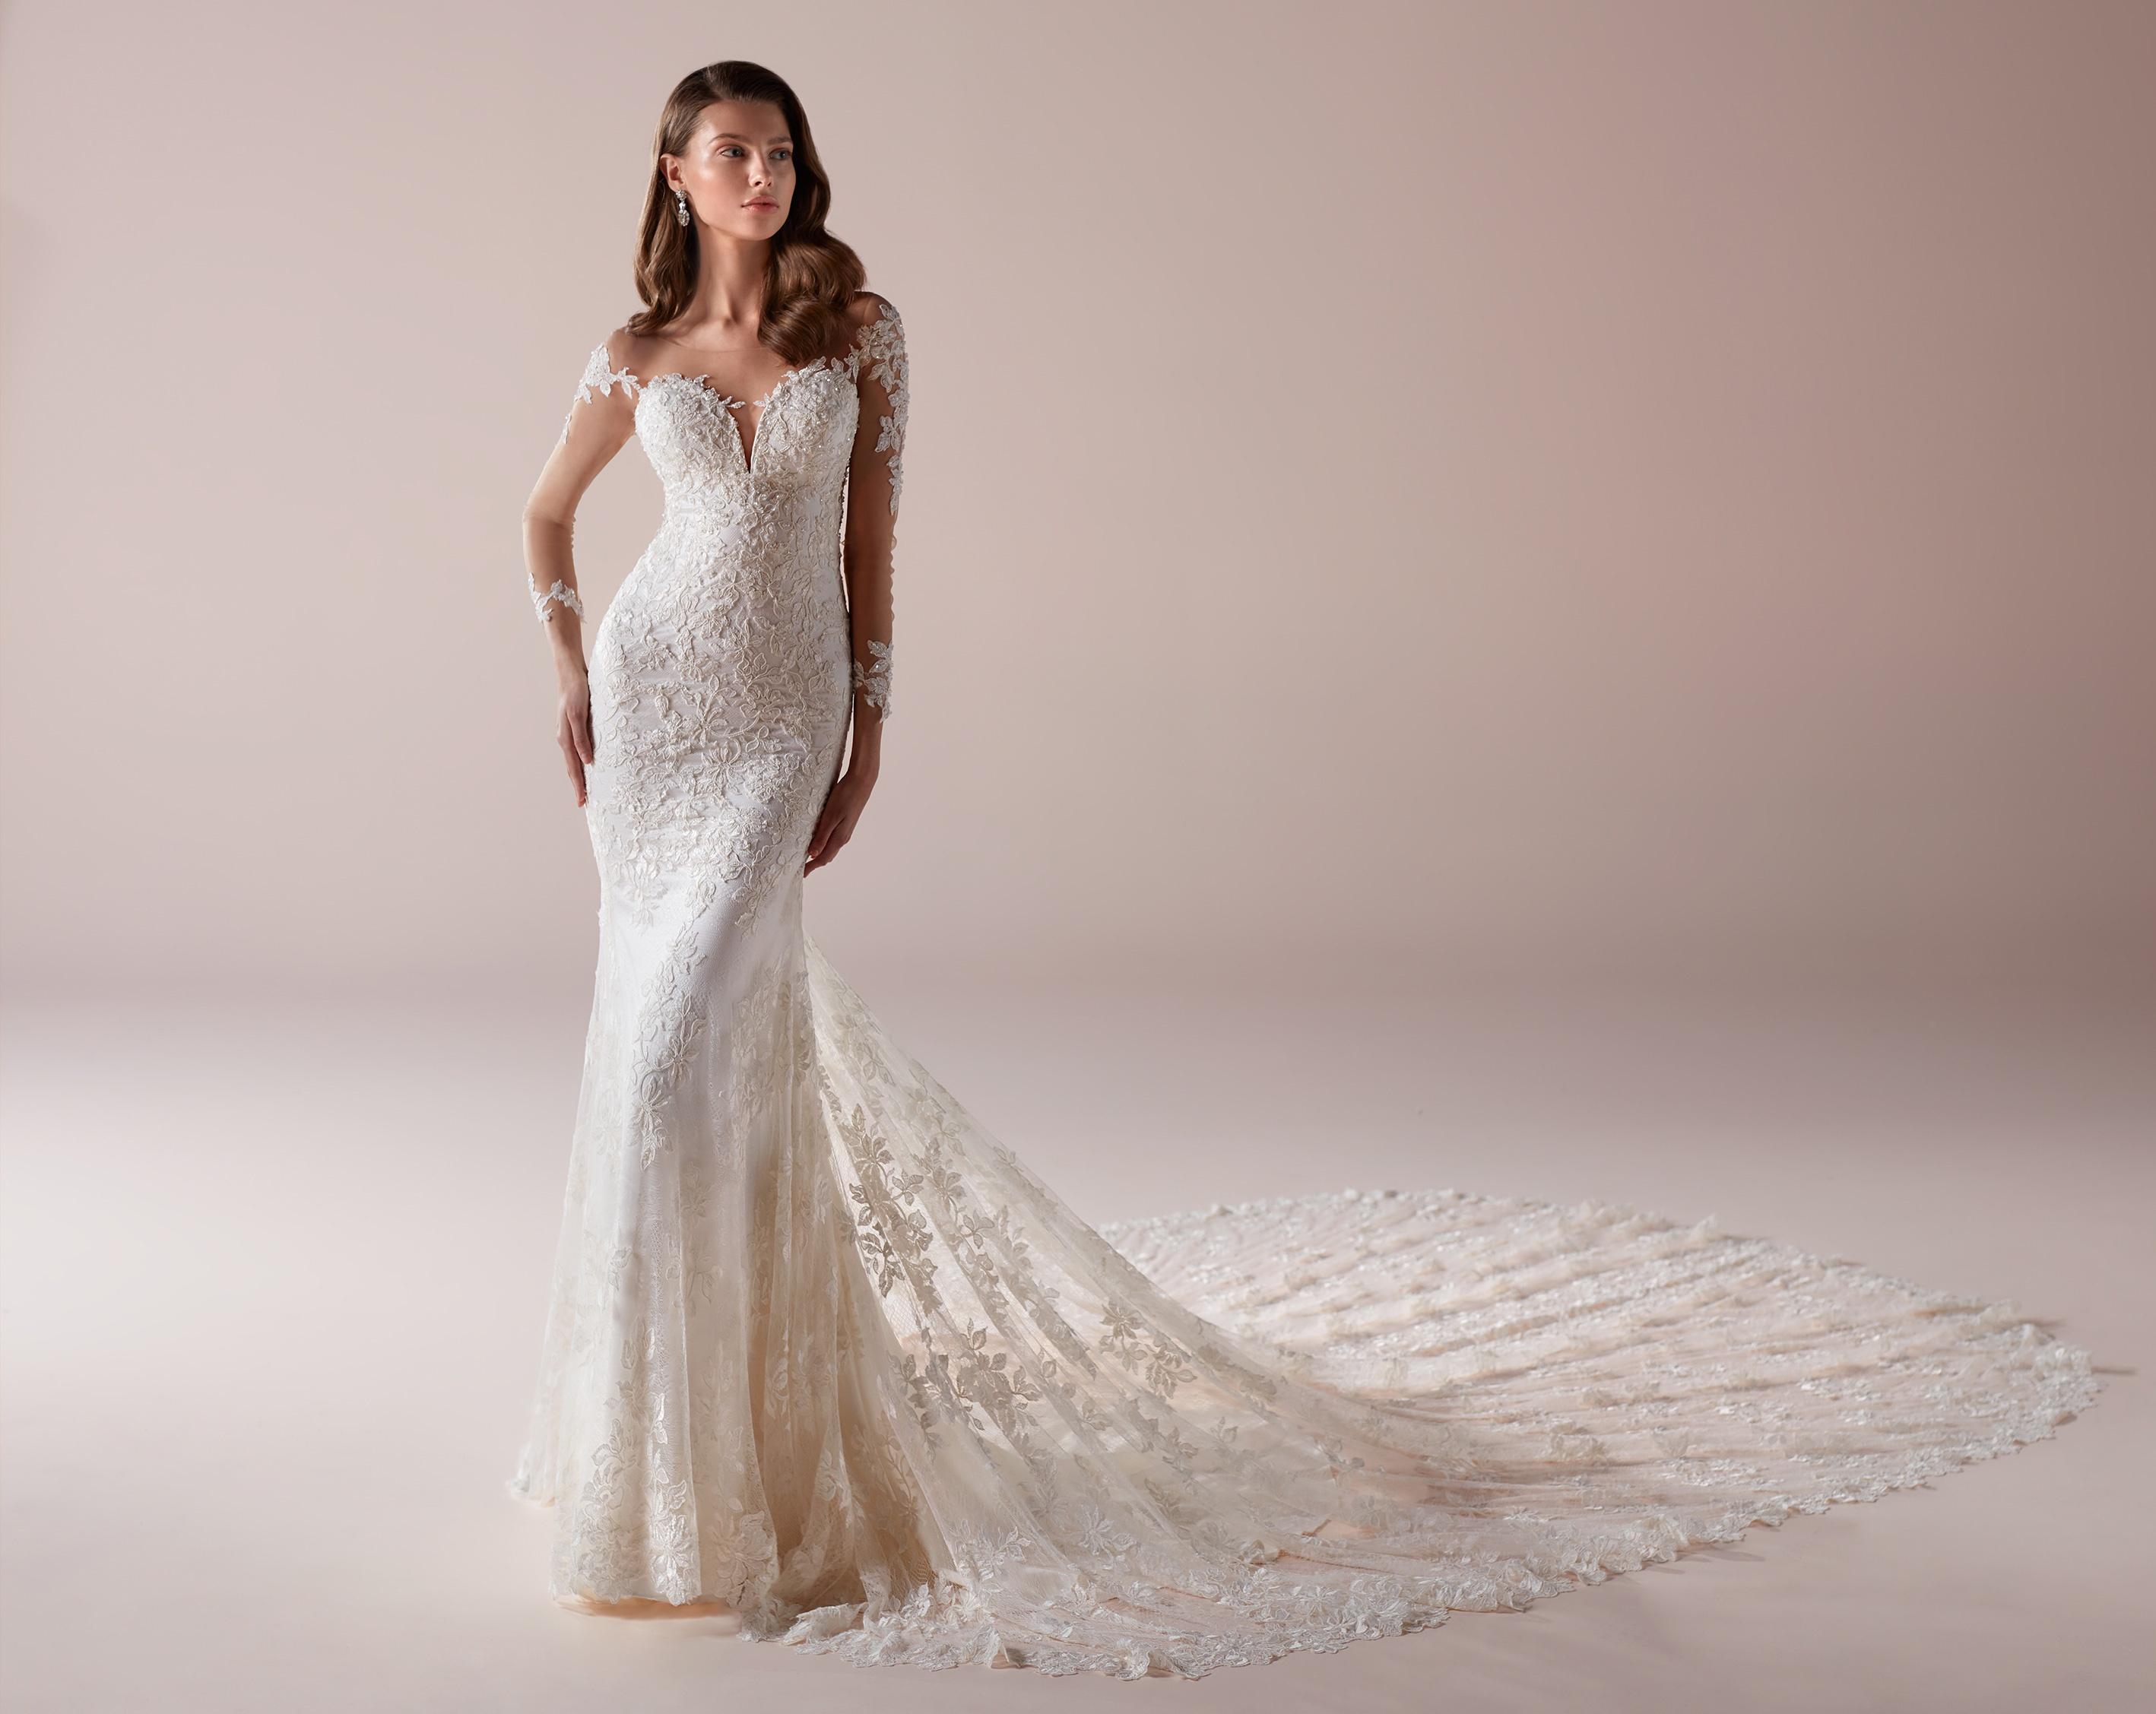 Vestito da sposa a sirena in pizzo Romance